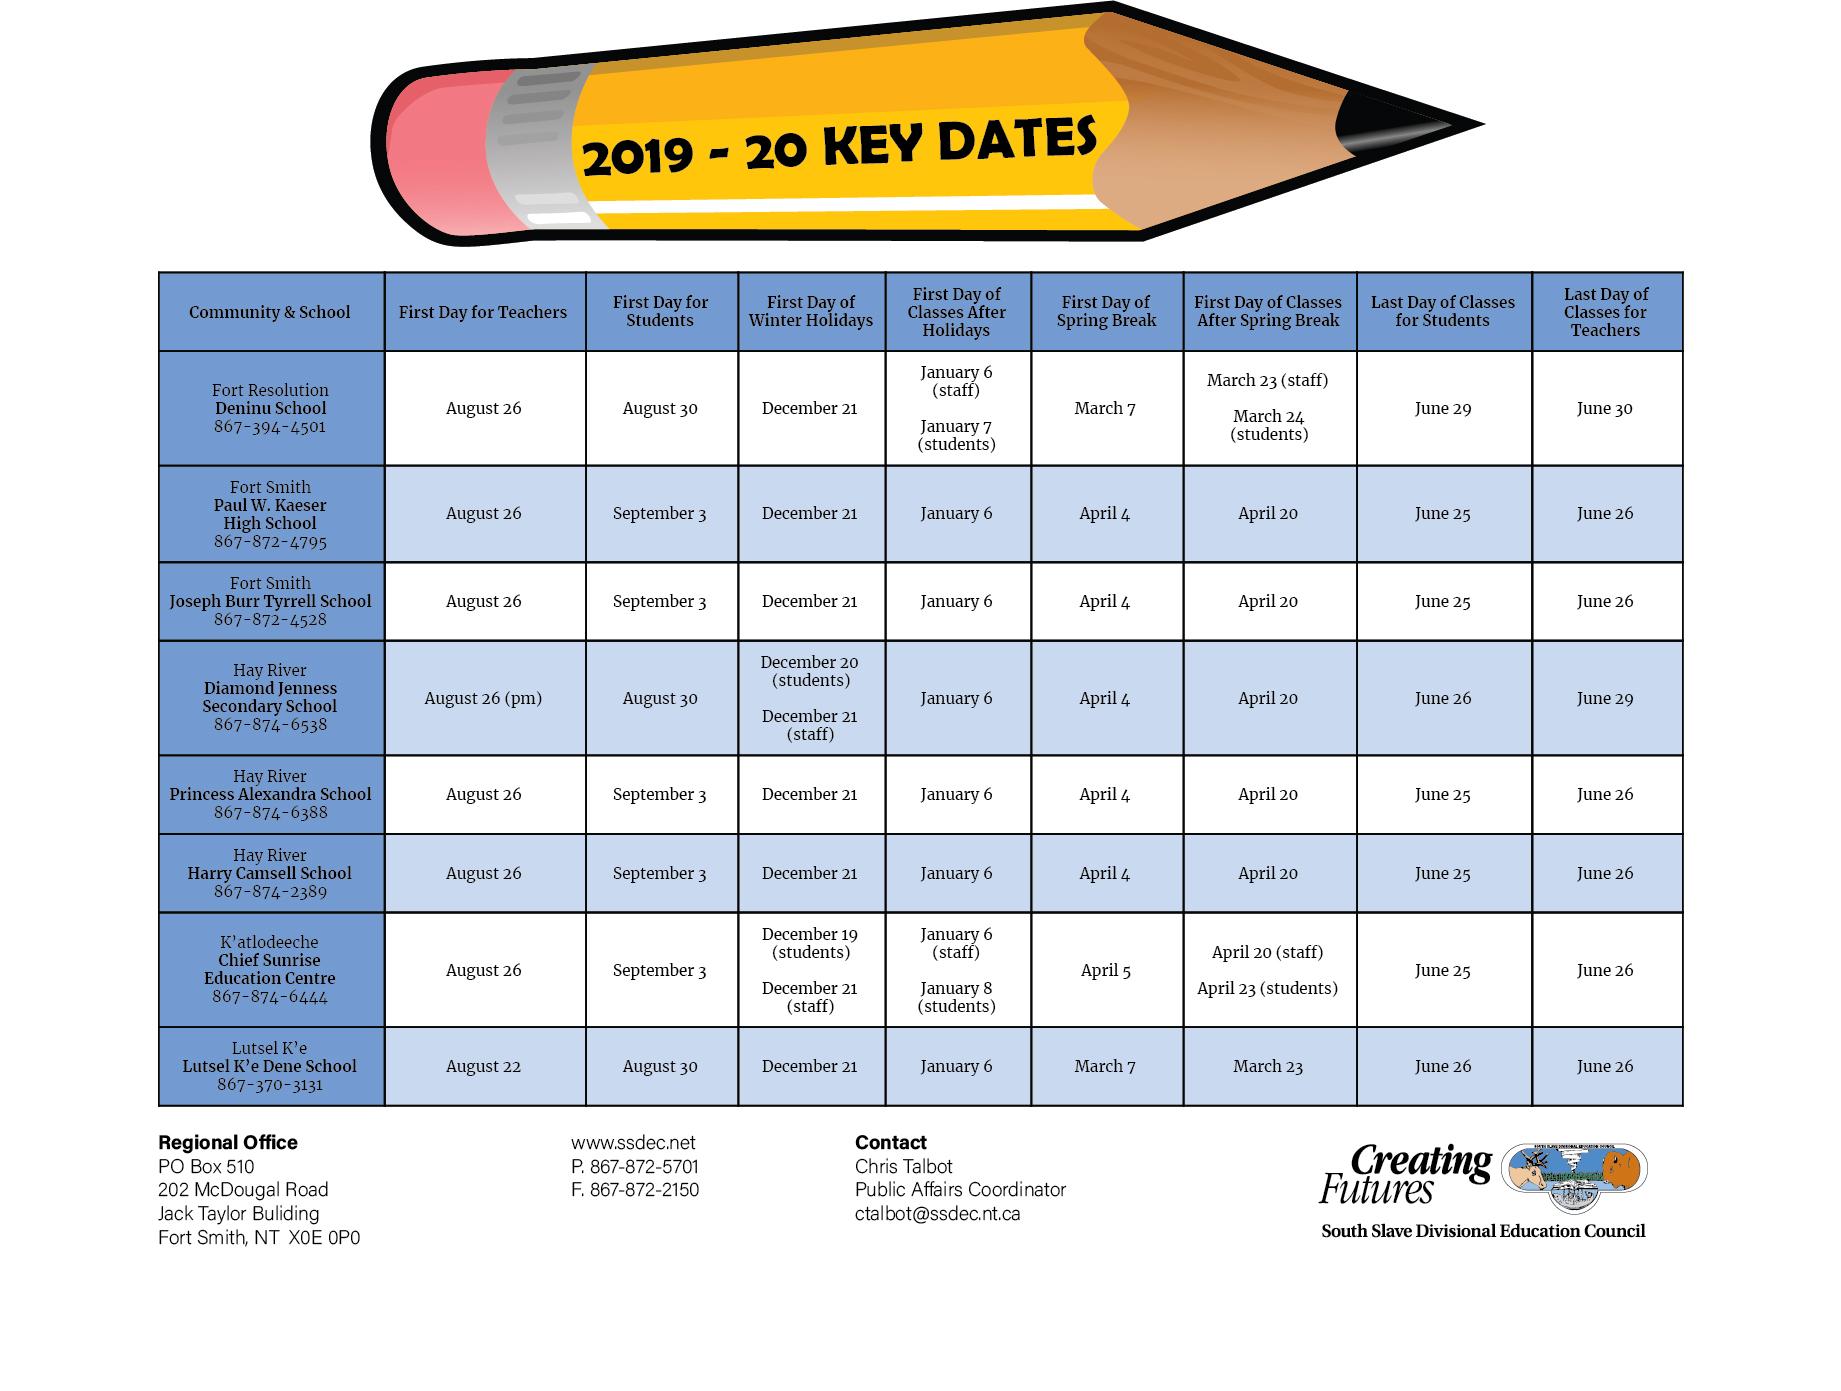 2019-20 Key Dates